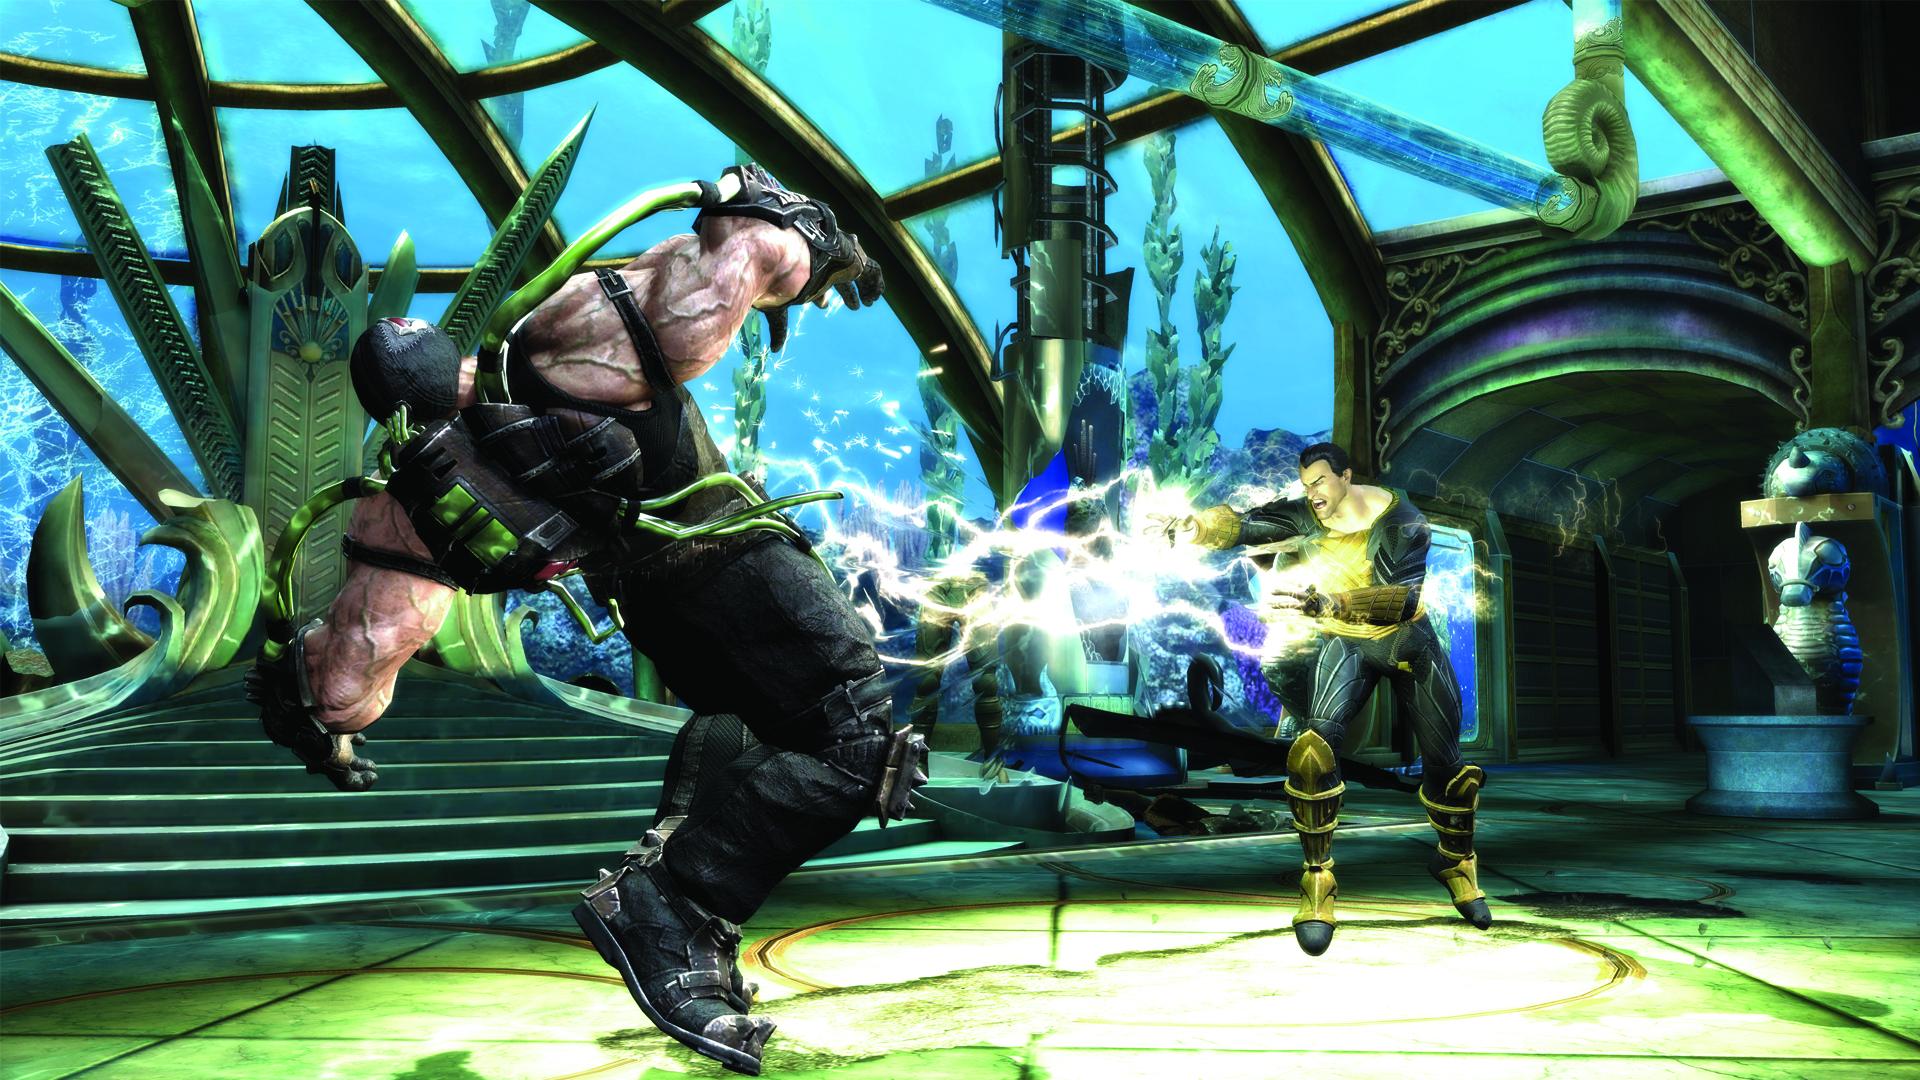 com.steam.242700-screenshot